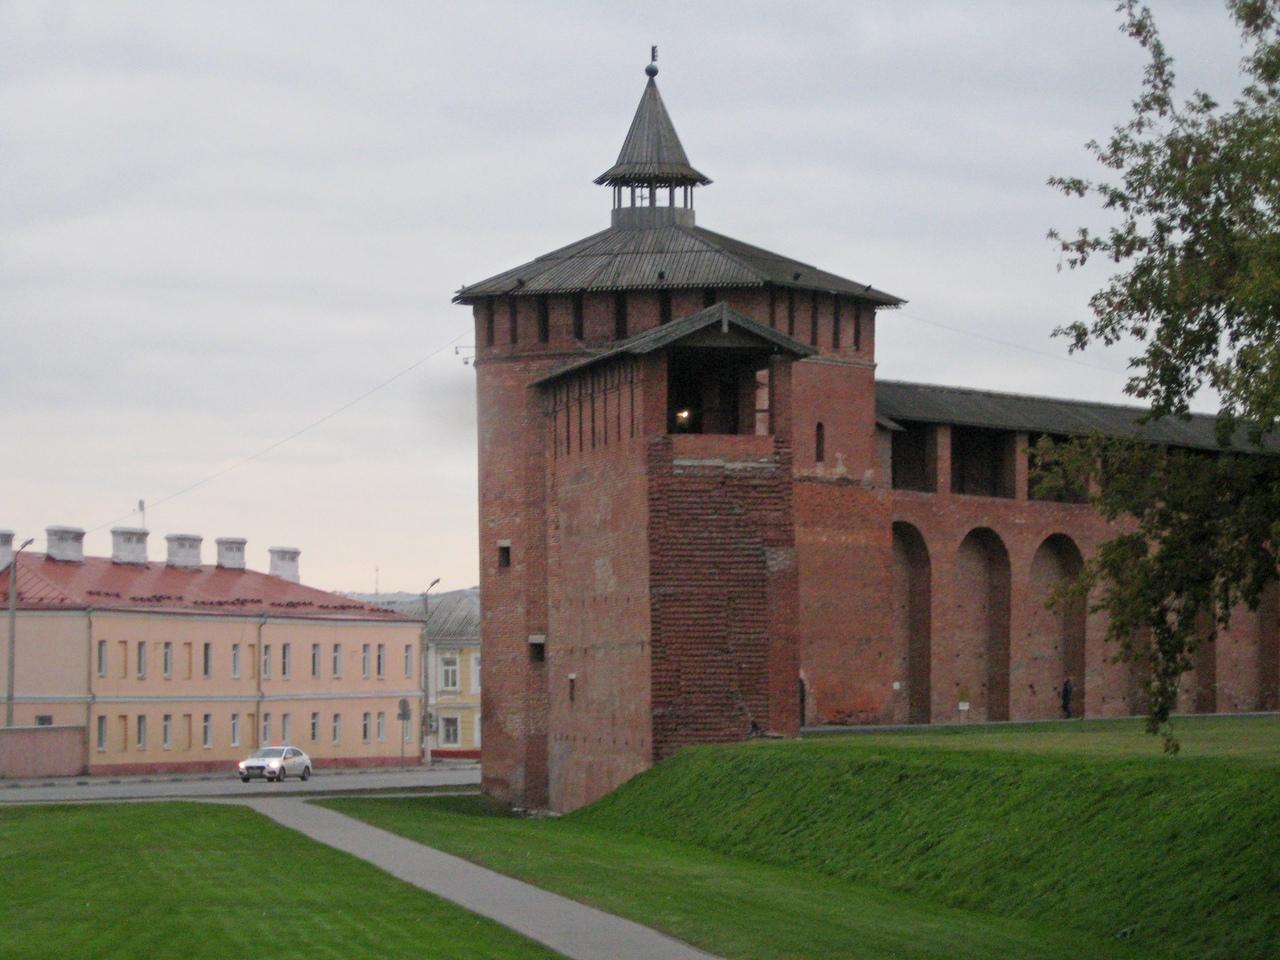 Коломенский Кремль - могучая русская крепость 16 века.  Неприступная твердыня на южных рубежах